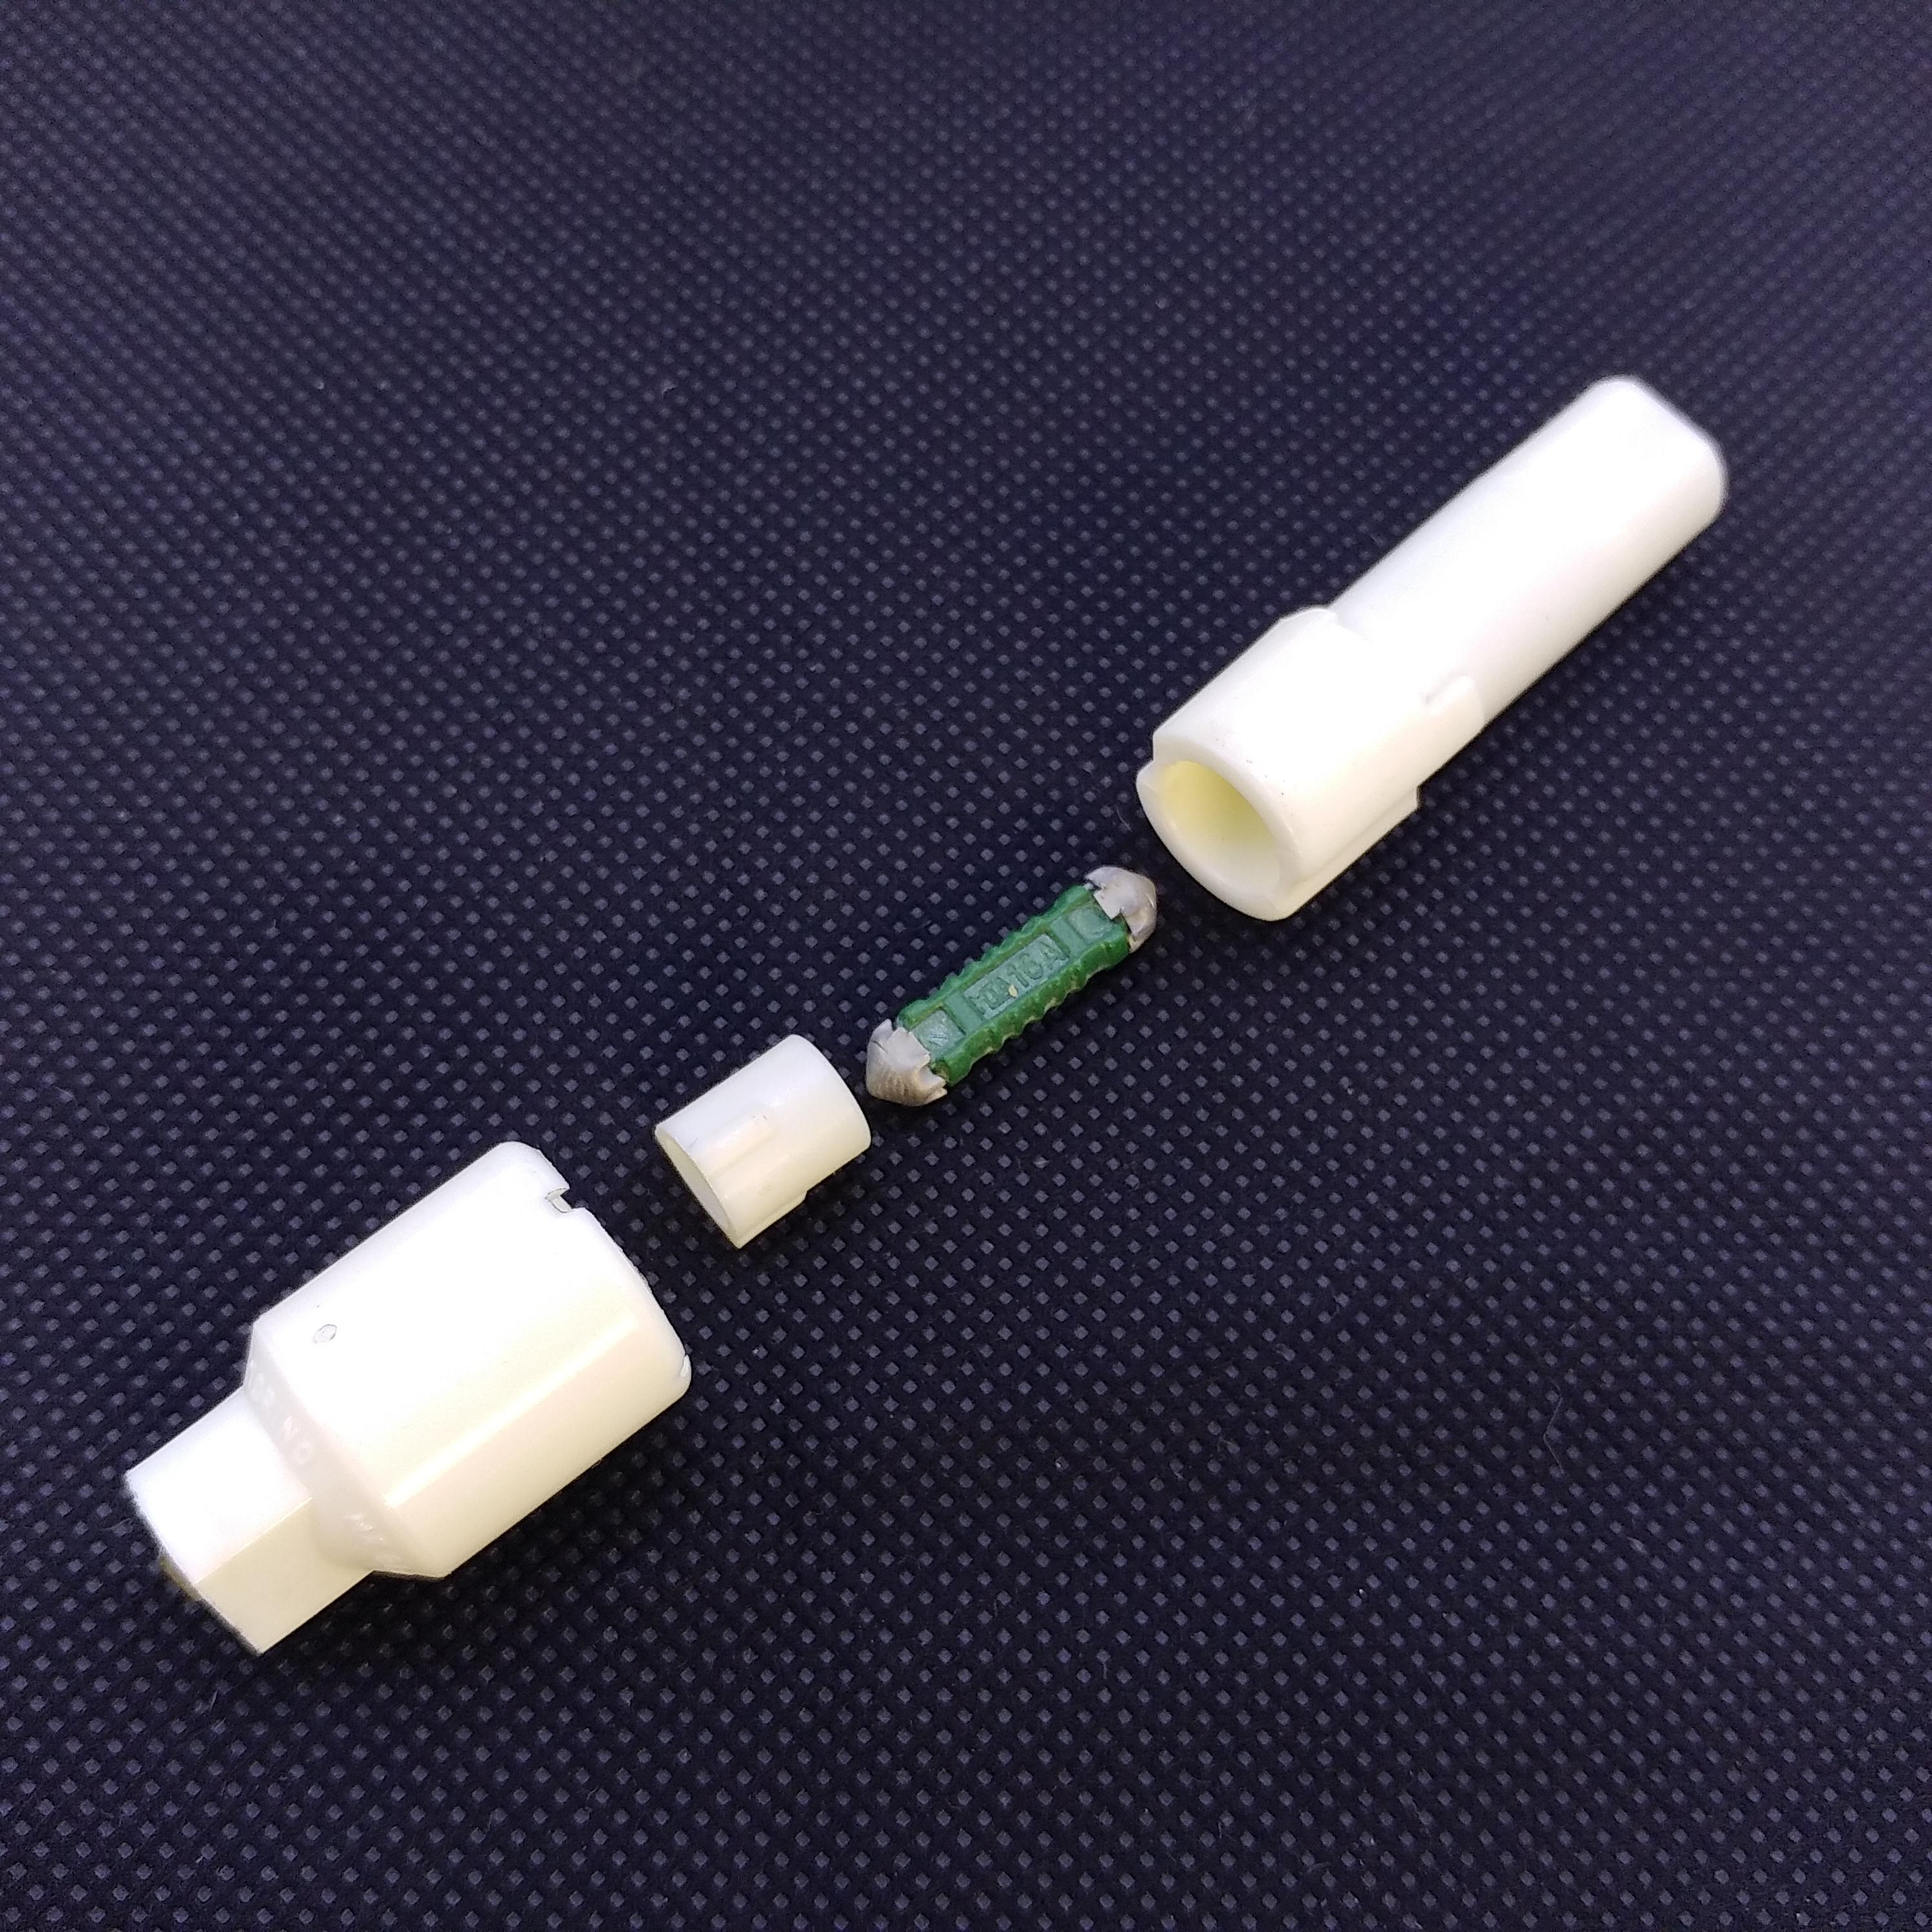 sicherungshalter universal kugel nase 12v 16 ampere mit. Black Bedroom Furniture Sets. Home Design Ideas